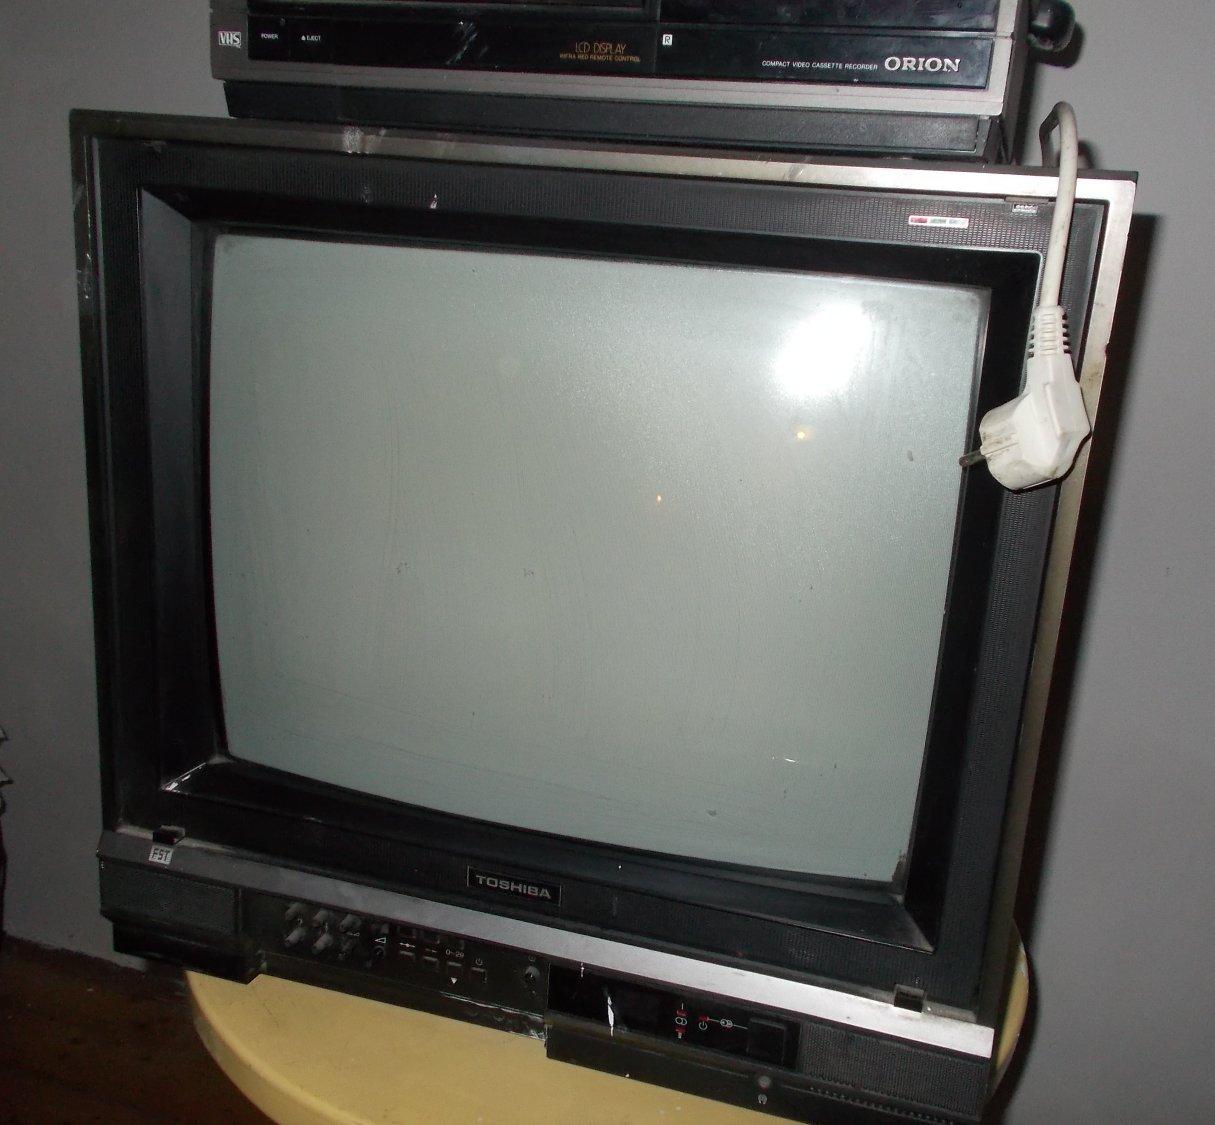 Ein solches TV Gerät wird nicht gestohlen, sondern zerstört. Das neue, das bessere nehmen die Einbrecher nach einigen Wochen mit